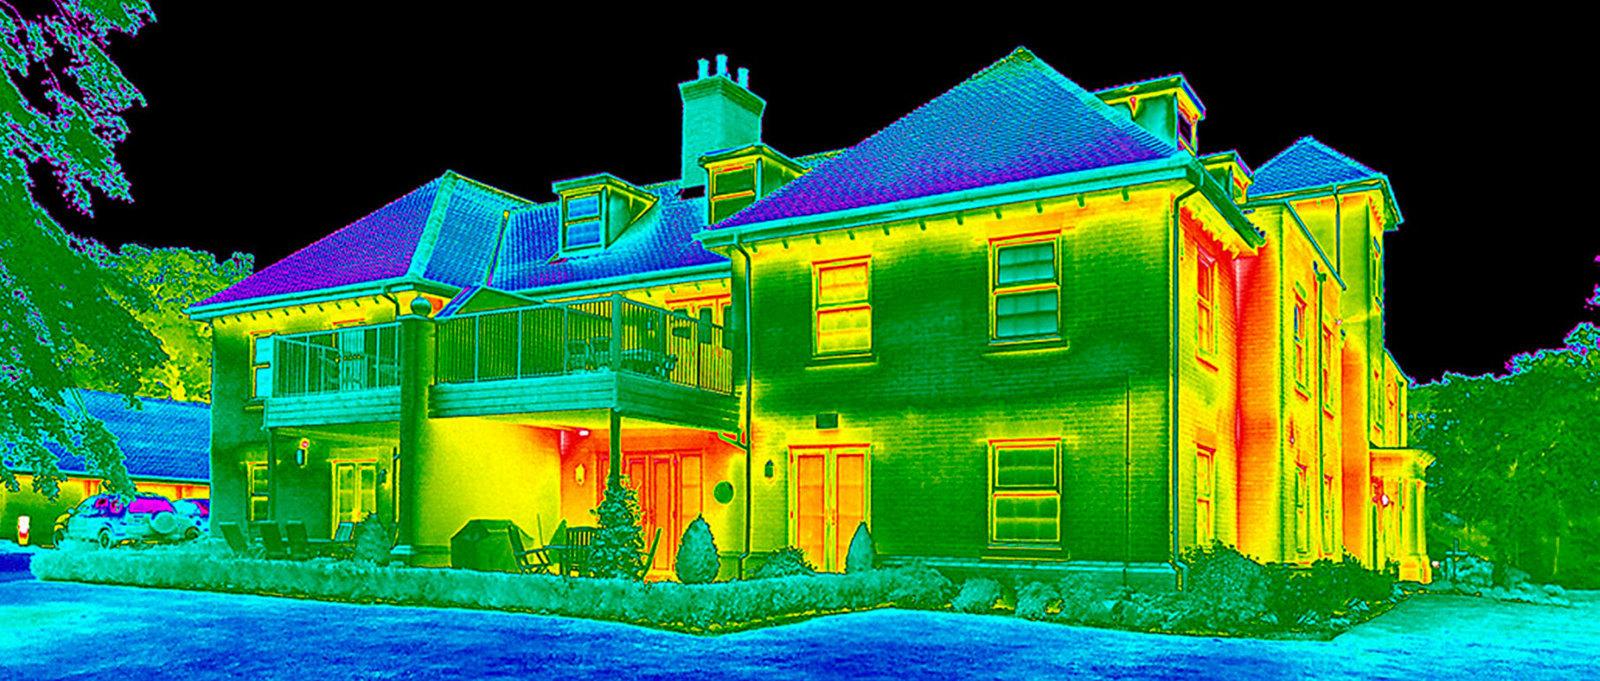 Обследование зданий тепловизором